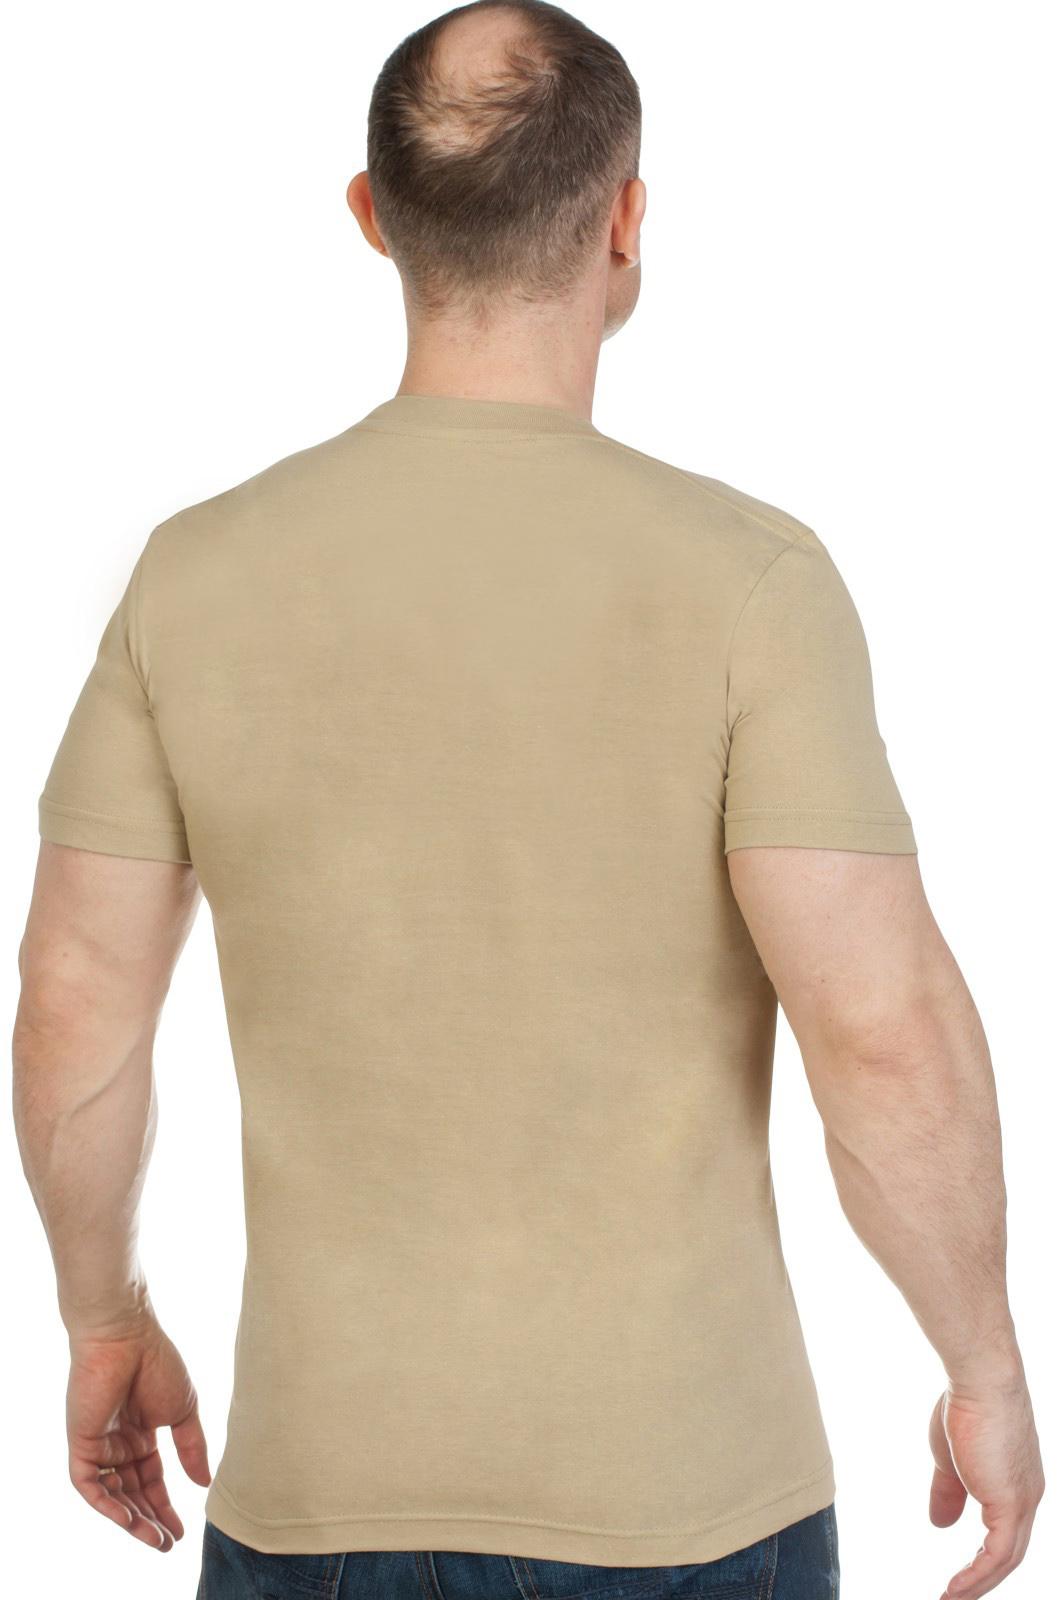 Удобная трикотажная футболка с вышитым полевым шевроном России - купить в розницу